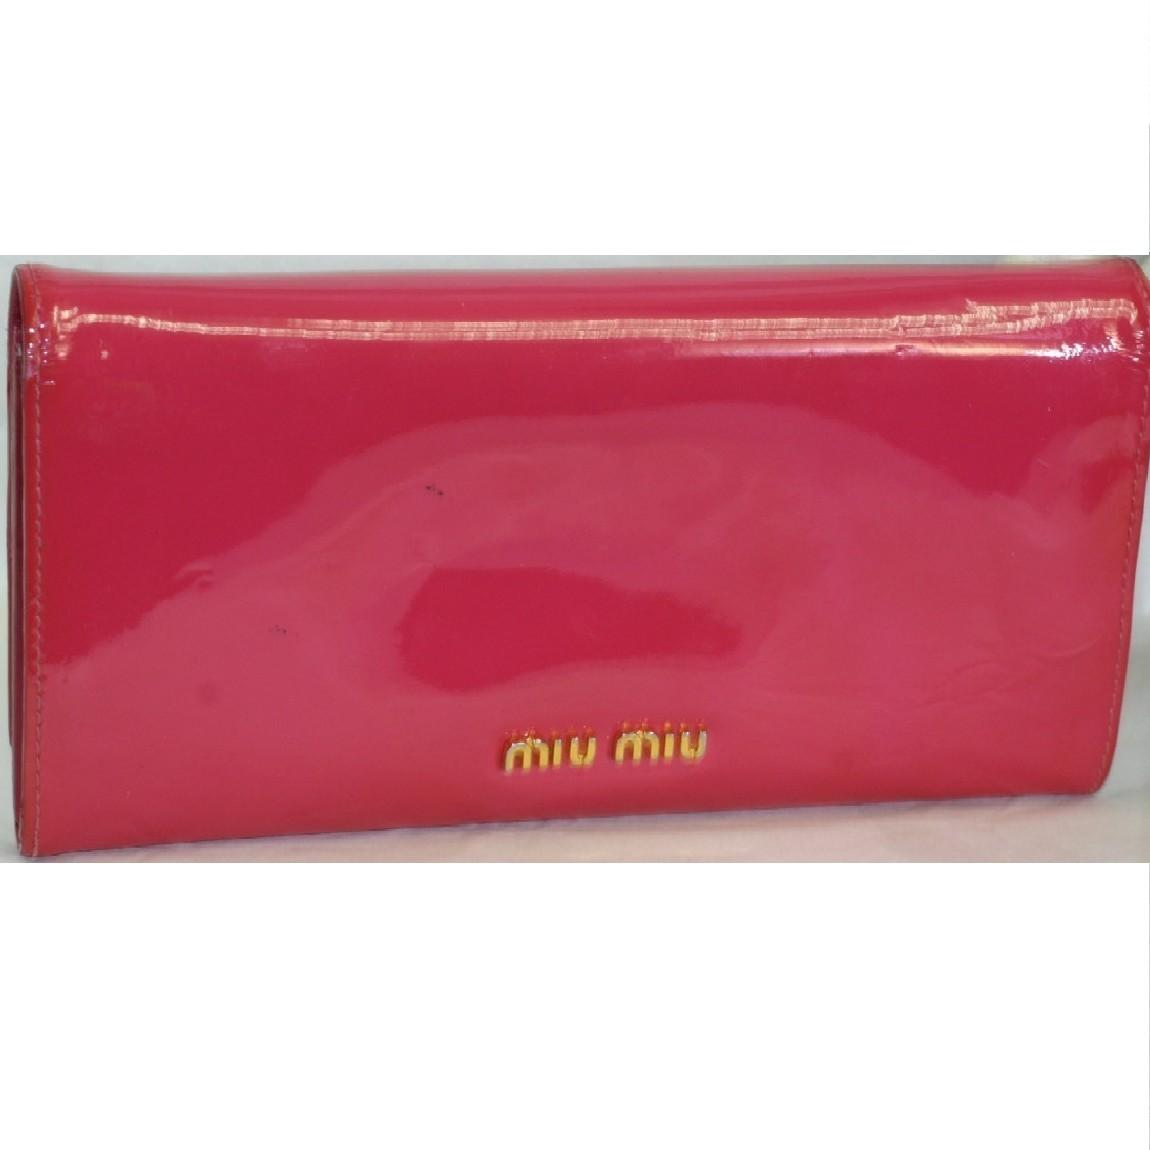 【中古】本物綺麗ミュウミュウ女性用濃いピンク色エナメル素材19,2x10cmホック式長財布